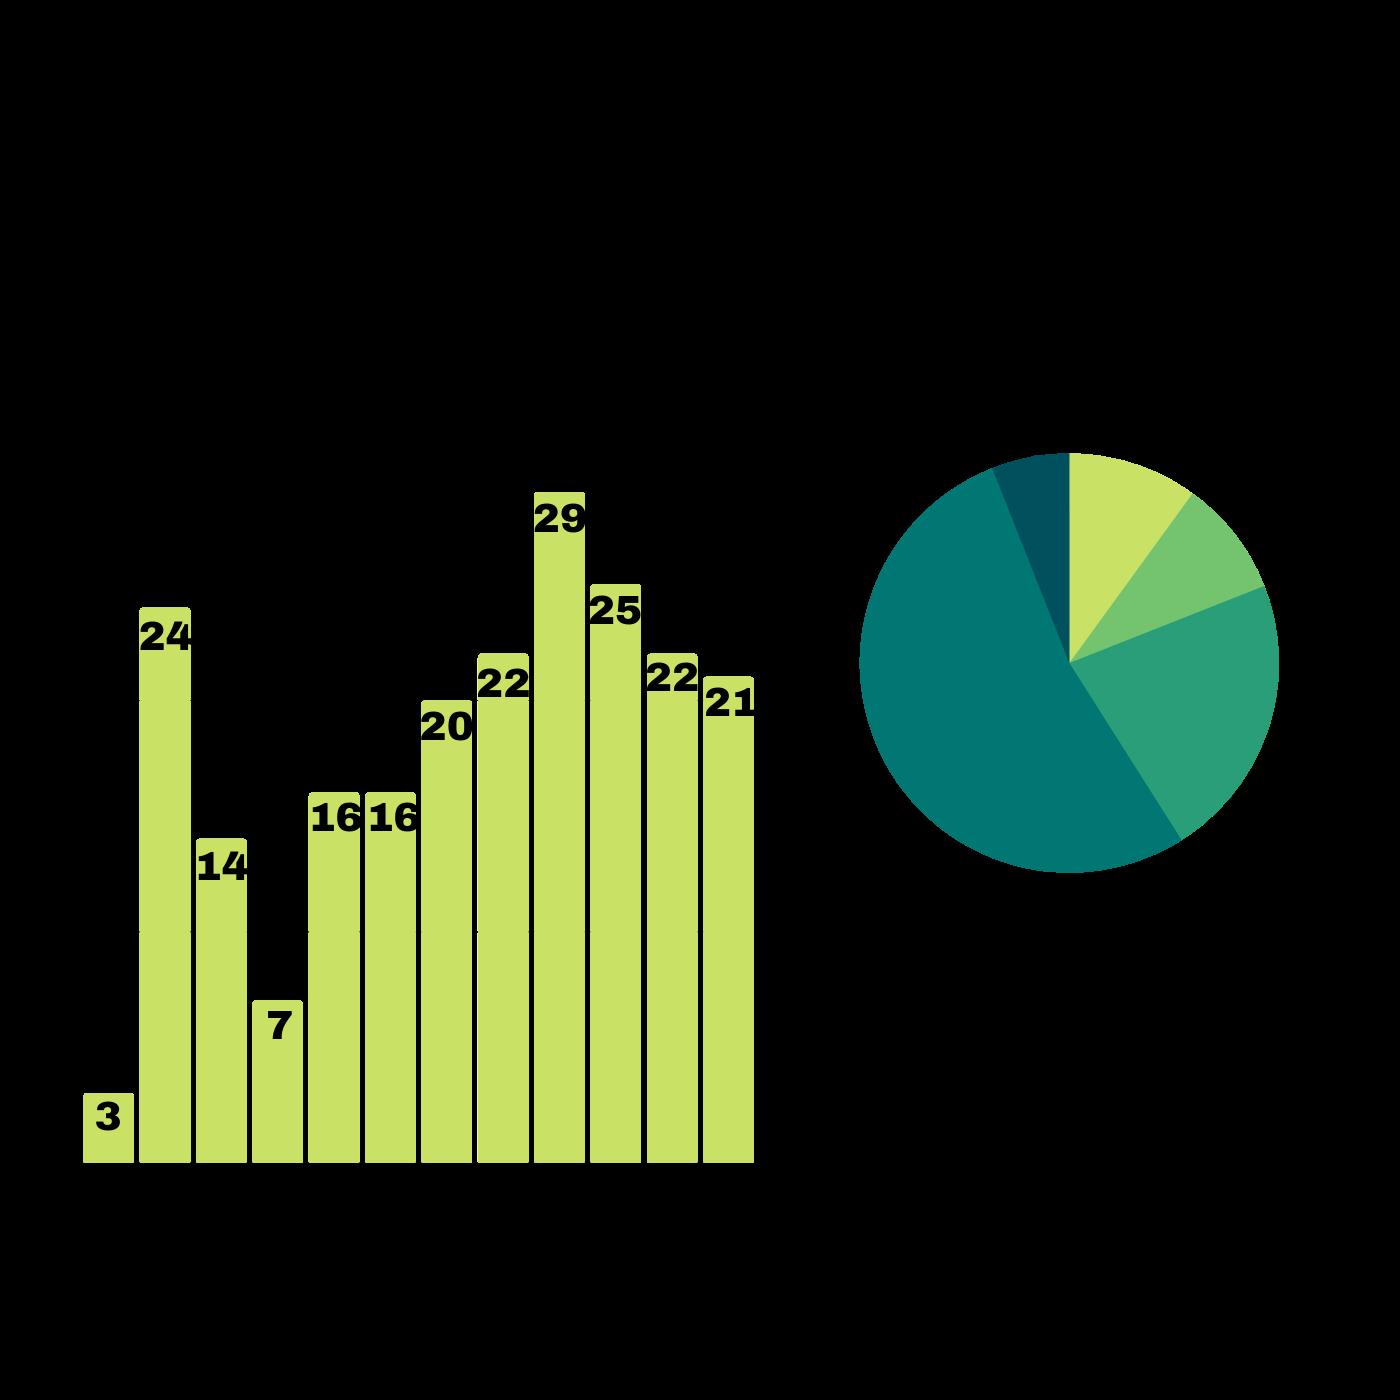 El Incremento De La Seguridad El Decrecimiento De Robos Y Hurtos En Santa Tecla. Hurtos comunes 2019. Infografía. Roberto d'Aubuisson. 2020